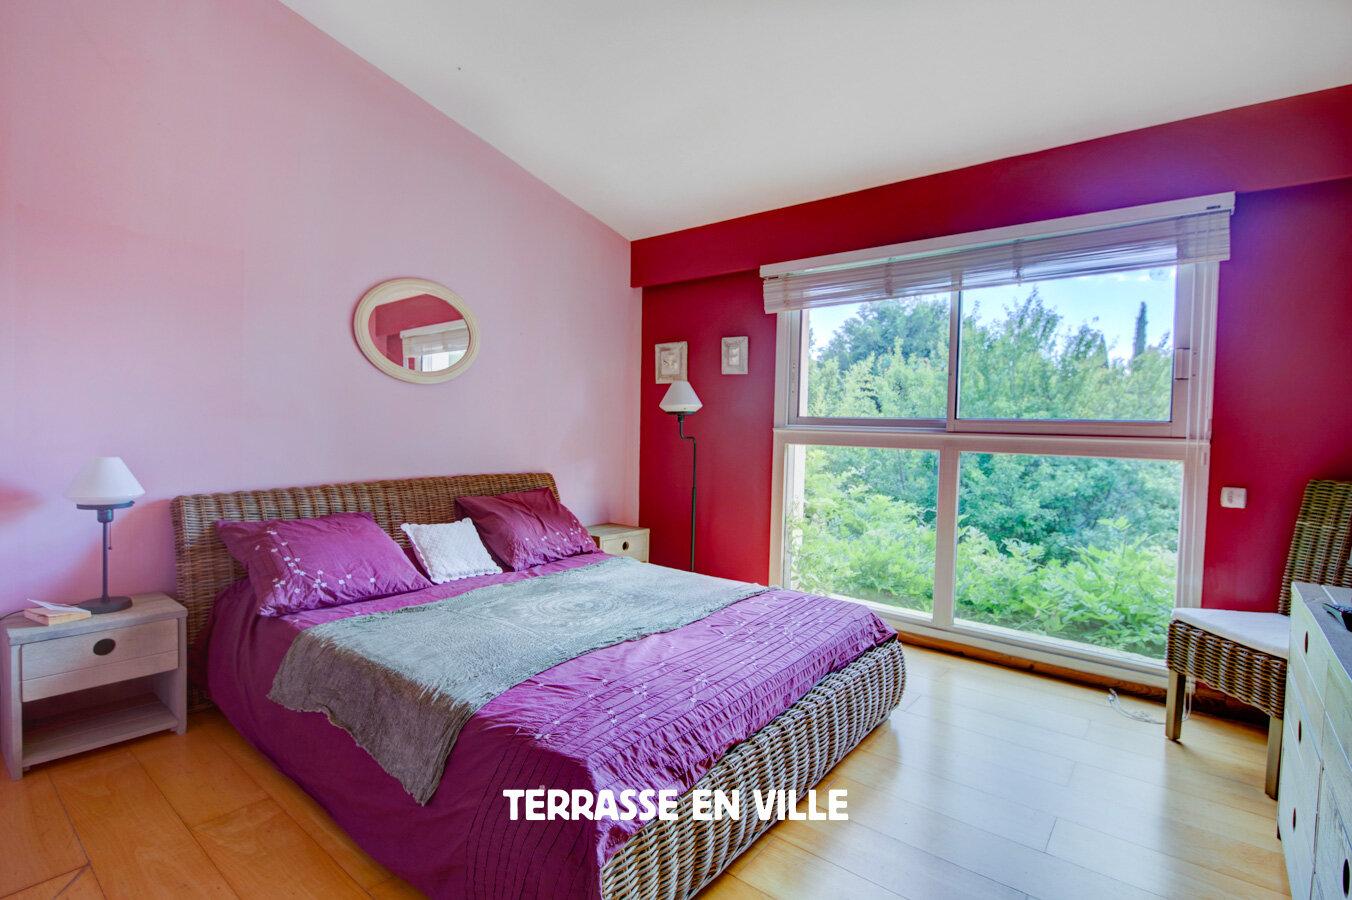 TERRASSE EN VILLE-11 2.jpg